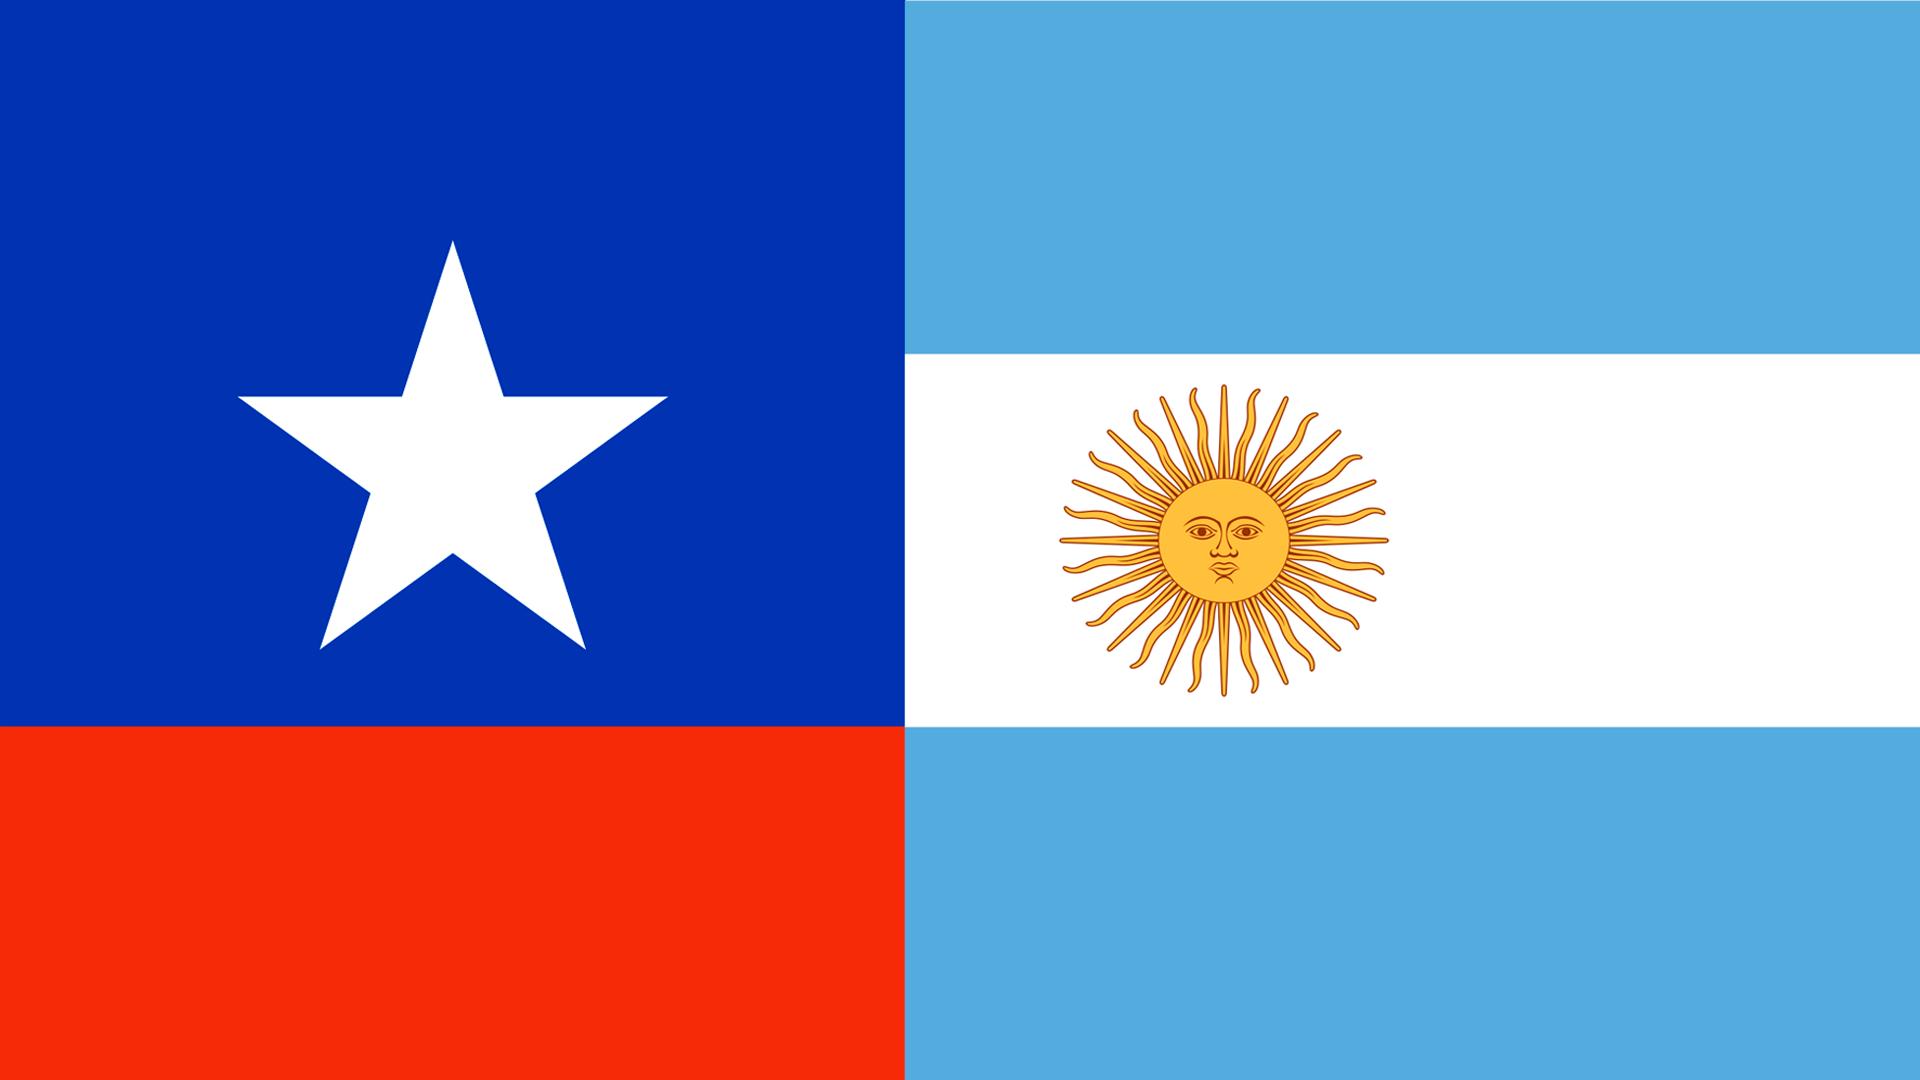 Diccionario Chileno Argentino O Chileno Español Viajando Con Fran